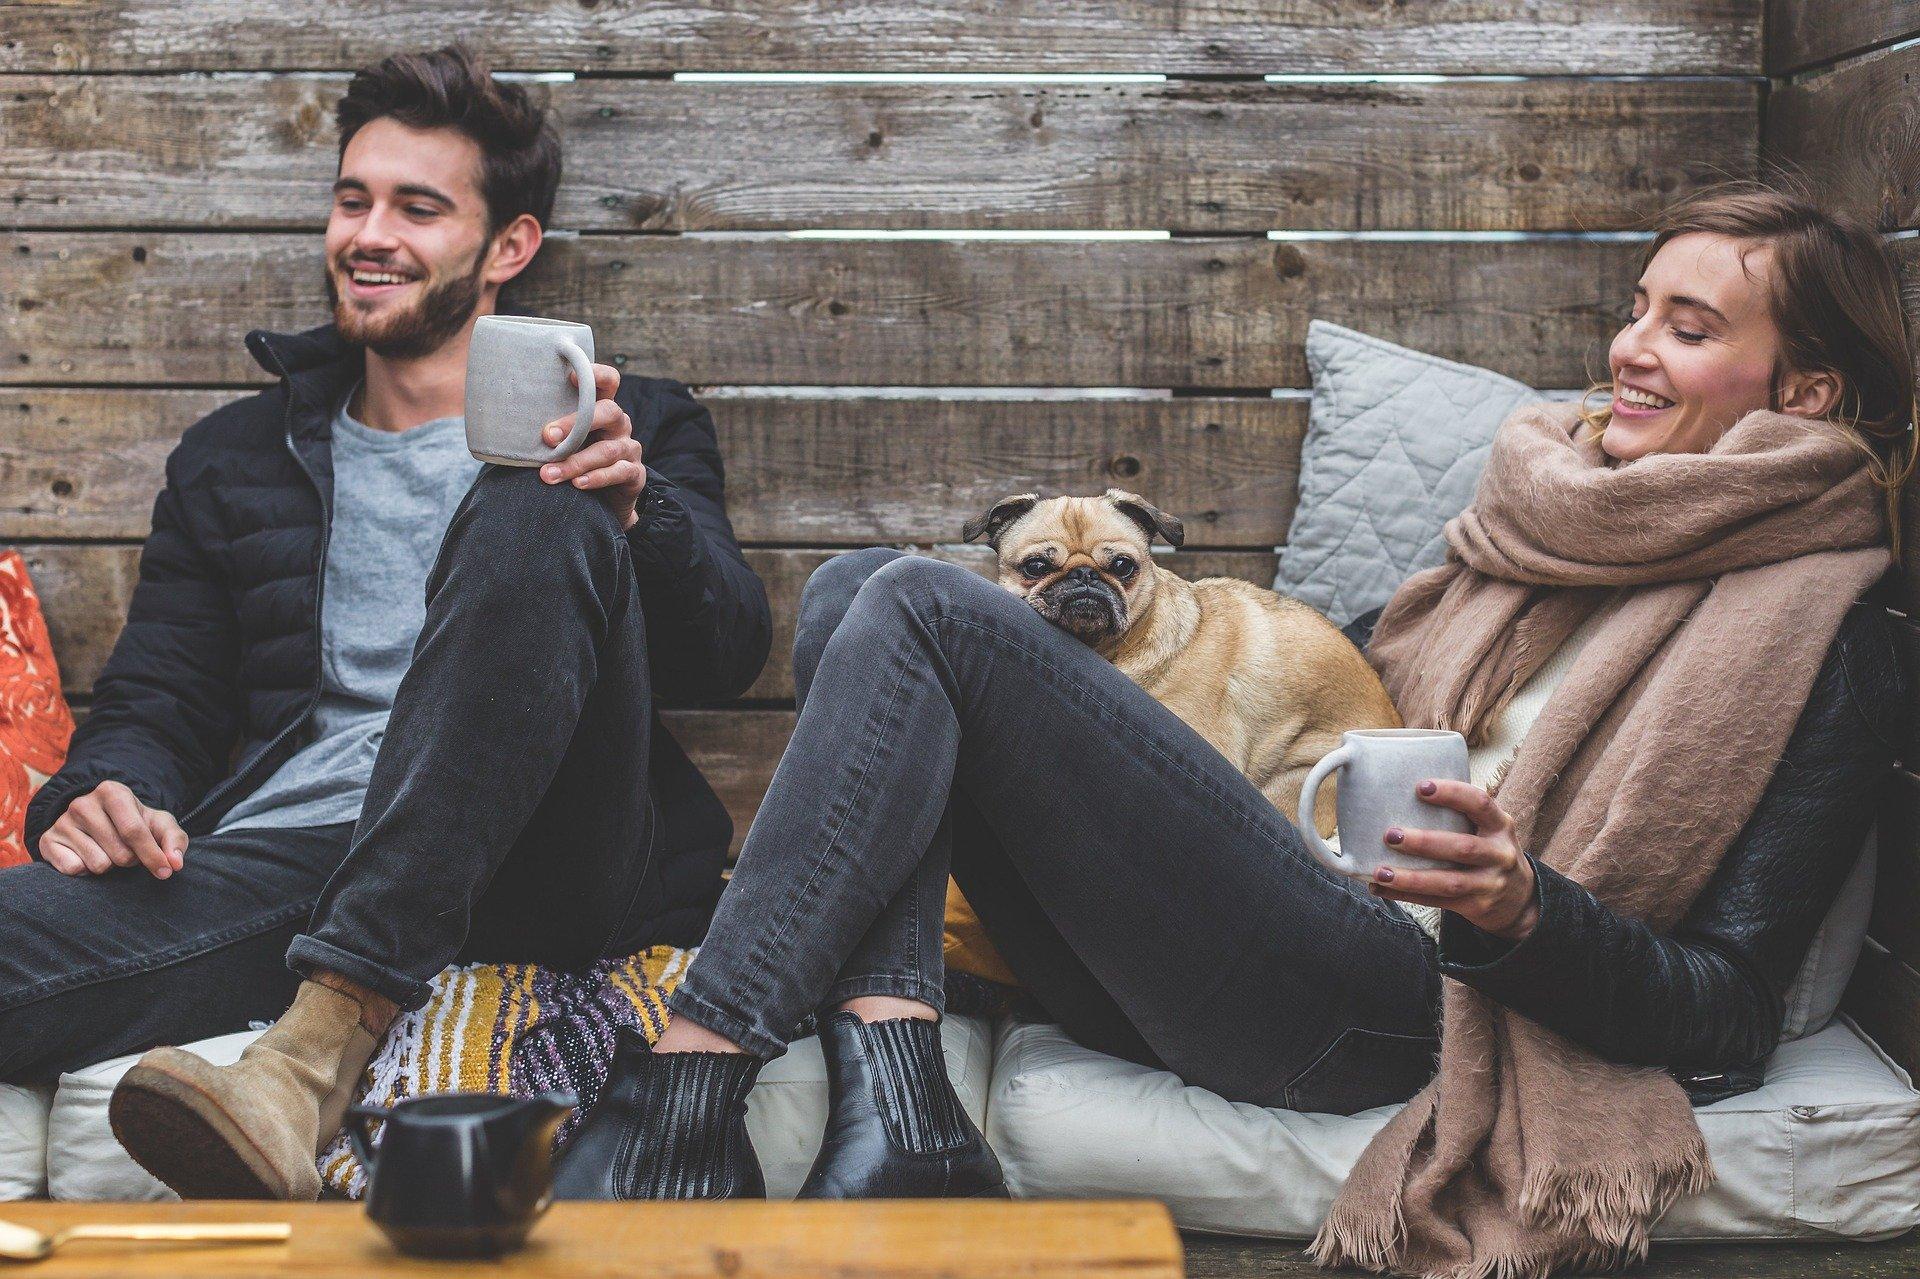 さいごに: 朝のコーヒーは、起床1時間以降の朝食後に楽しむのがベスト!